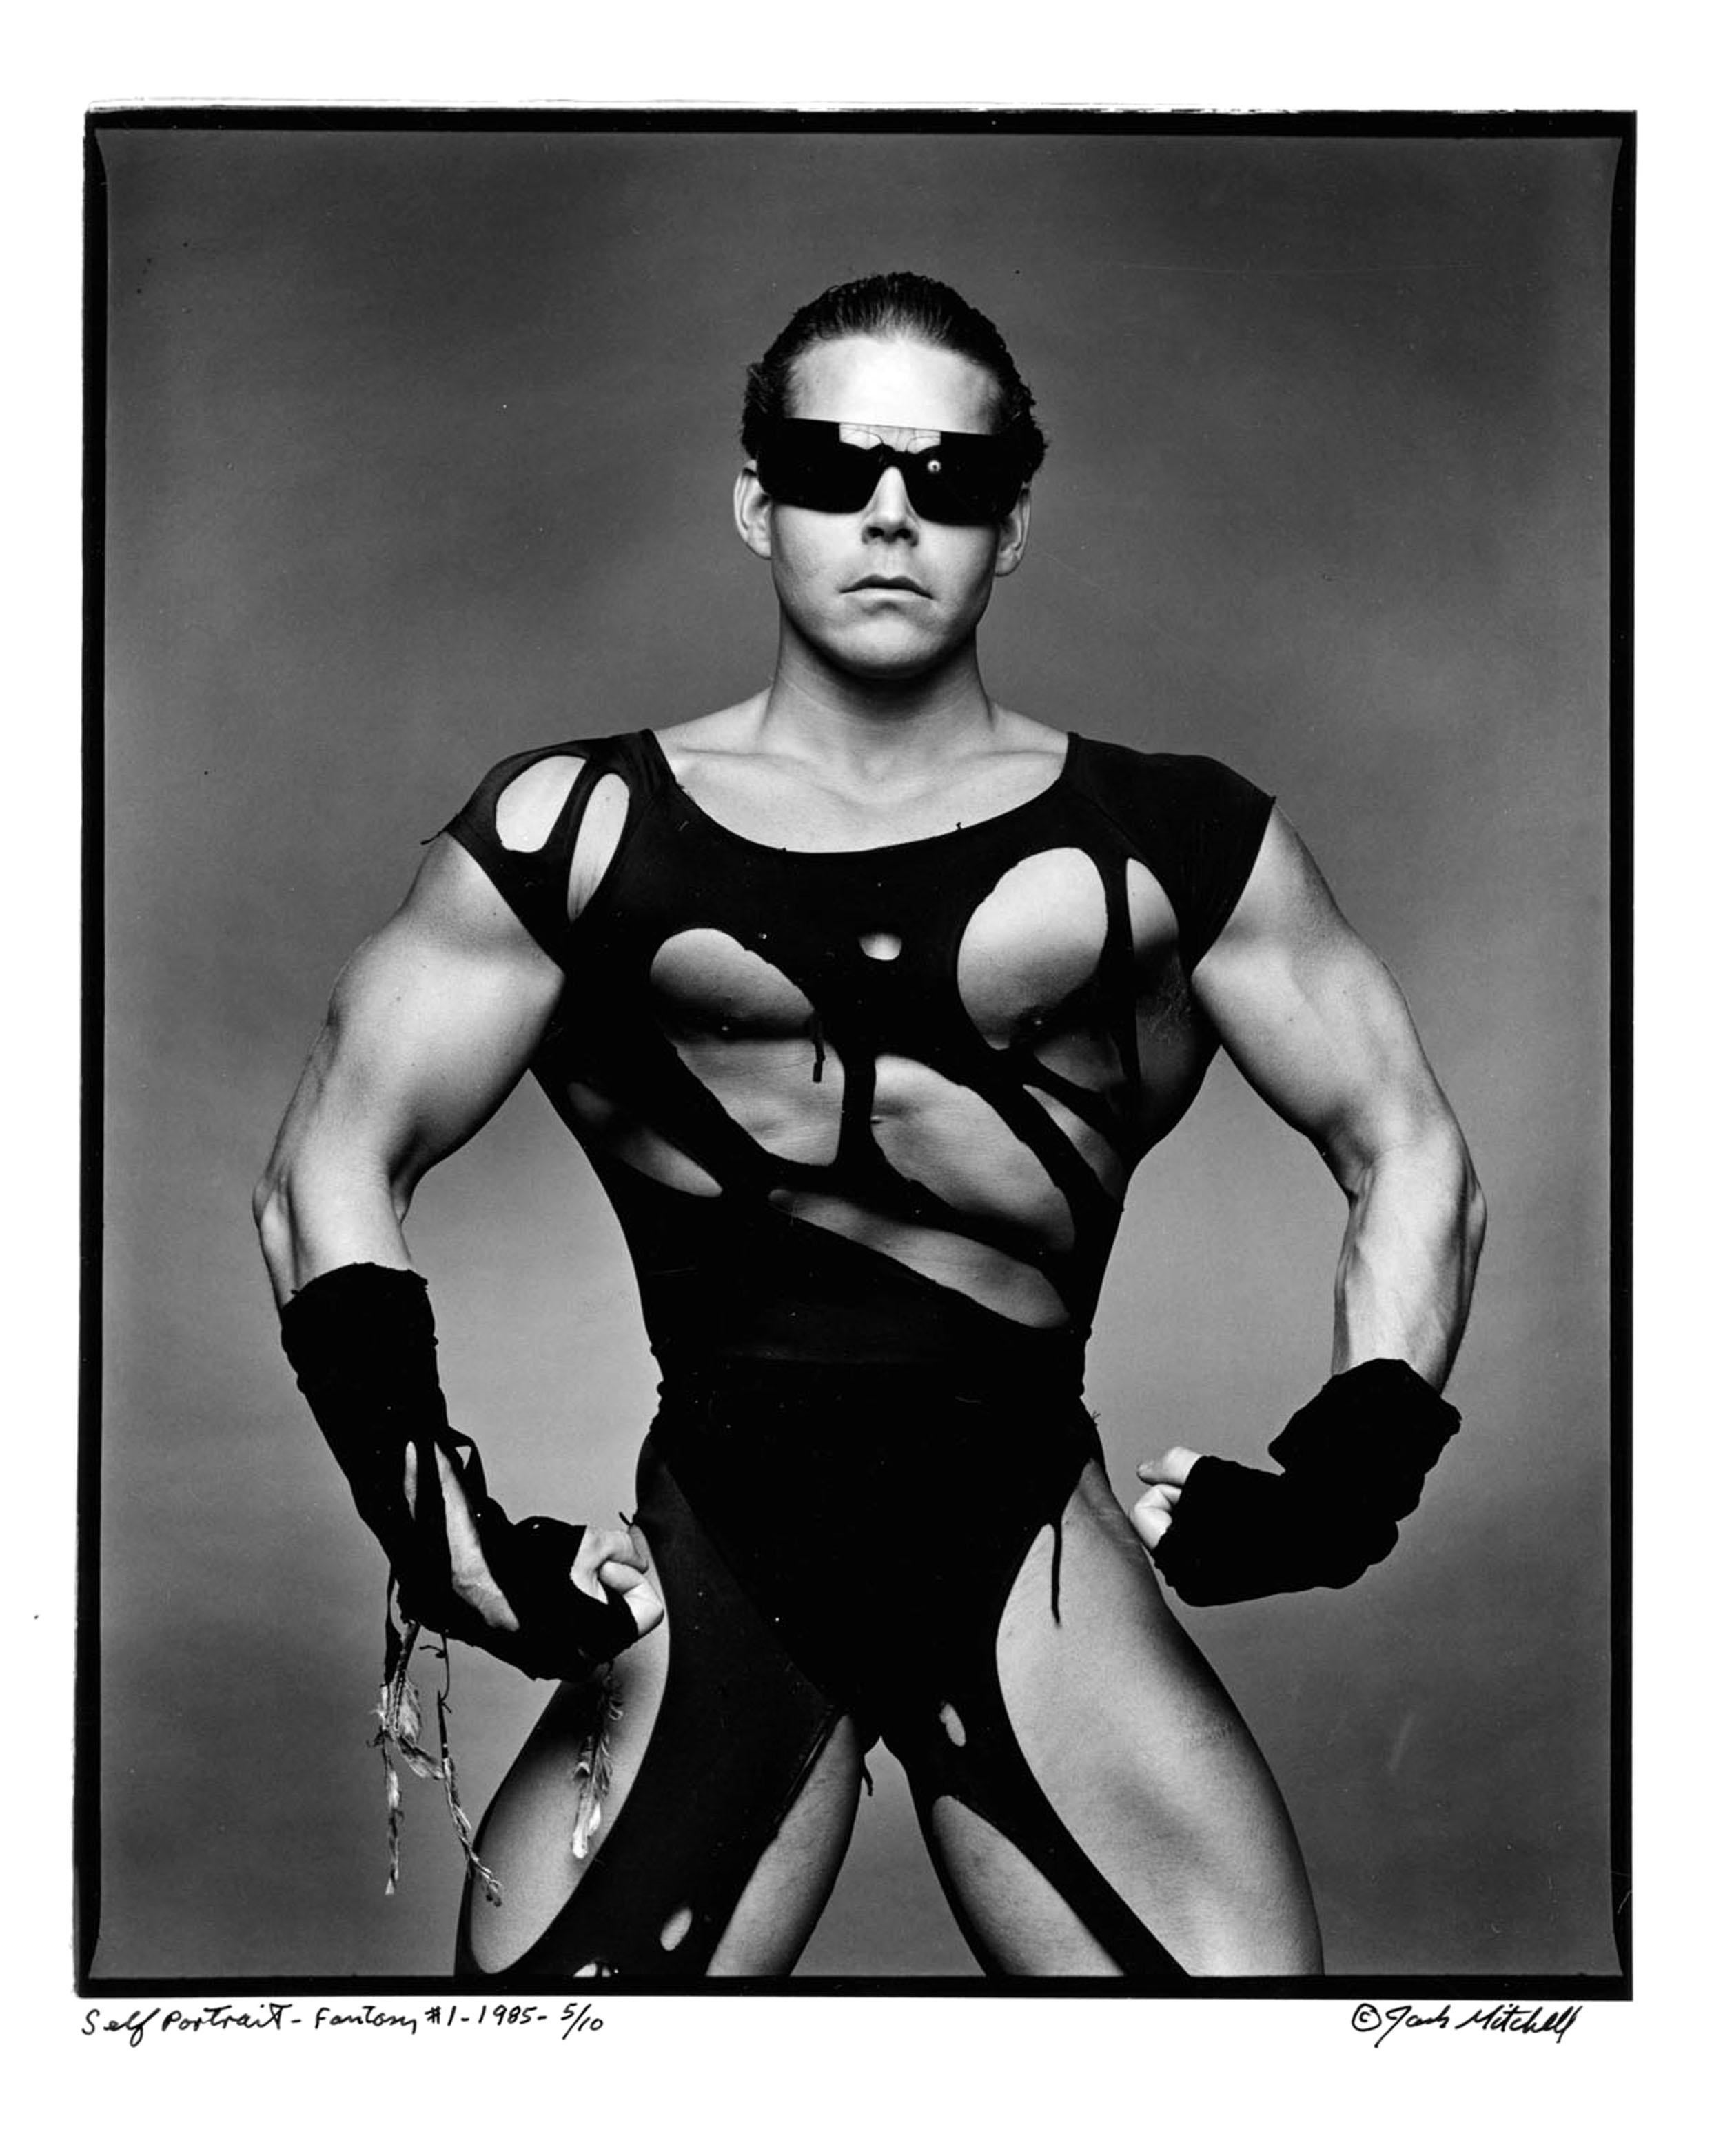 Von Hackendahl, Bodybuilder/Model, signed by Jack Mitchell